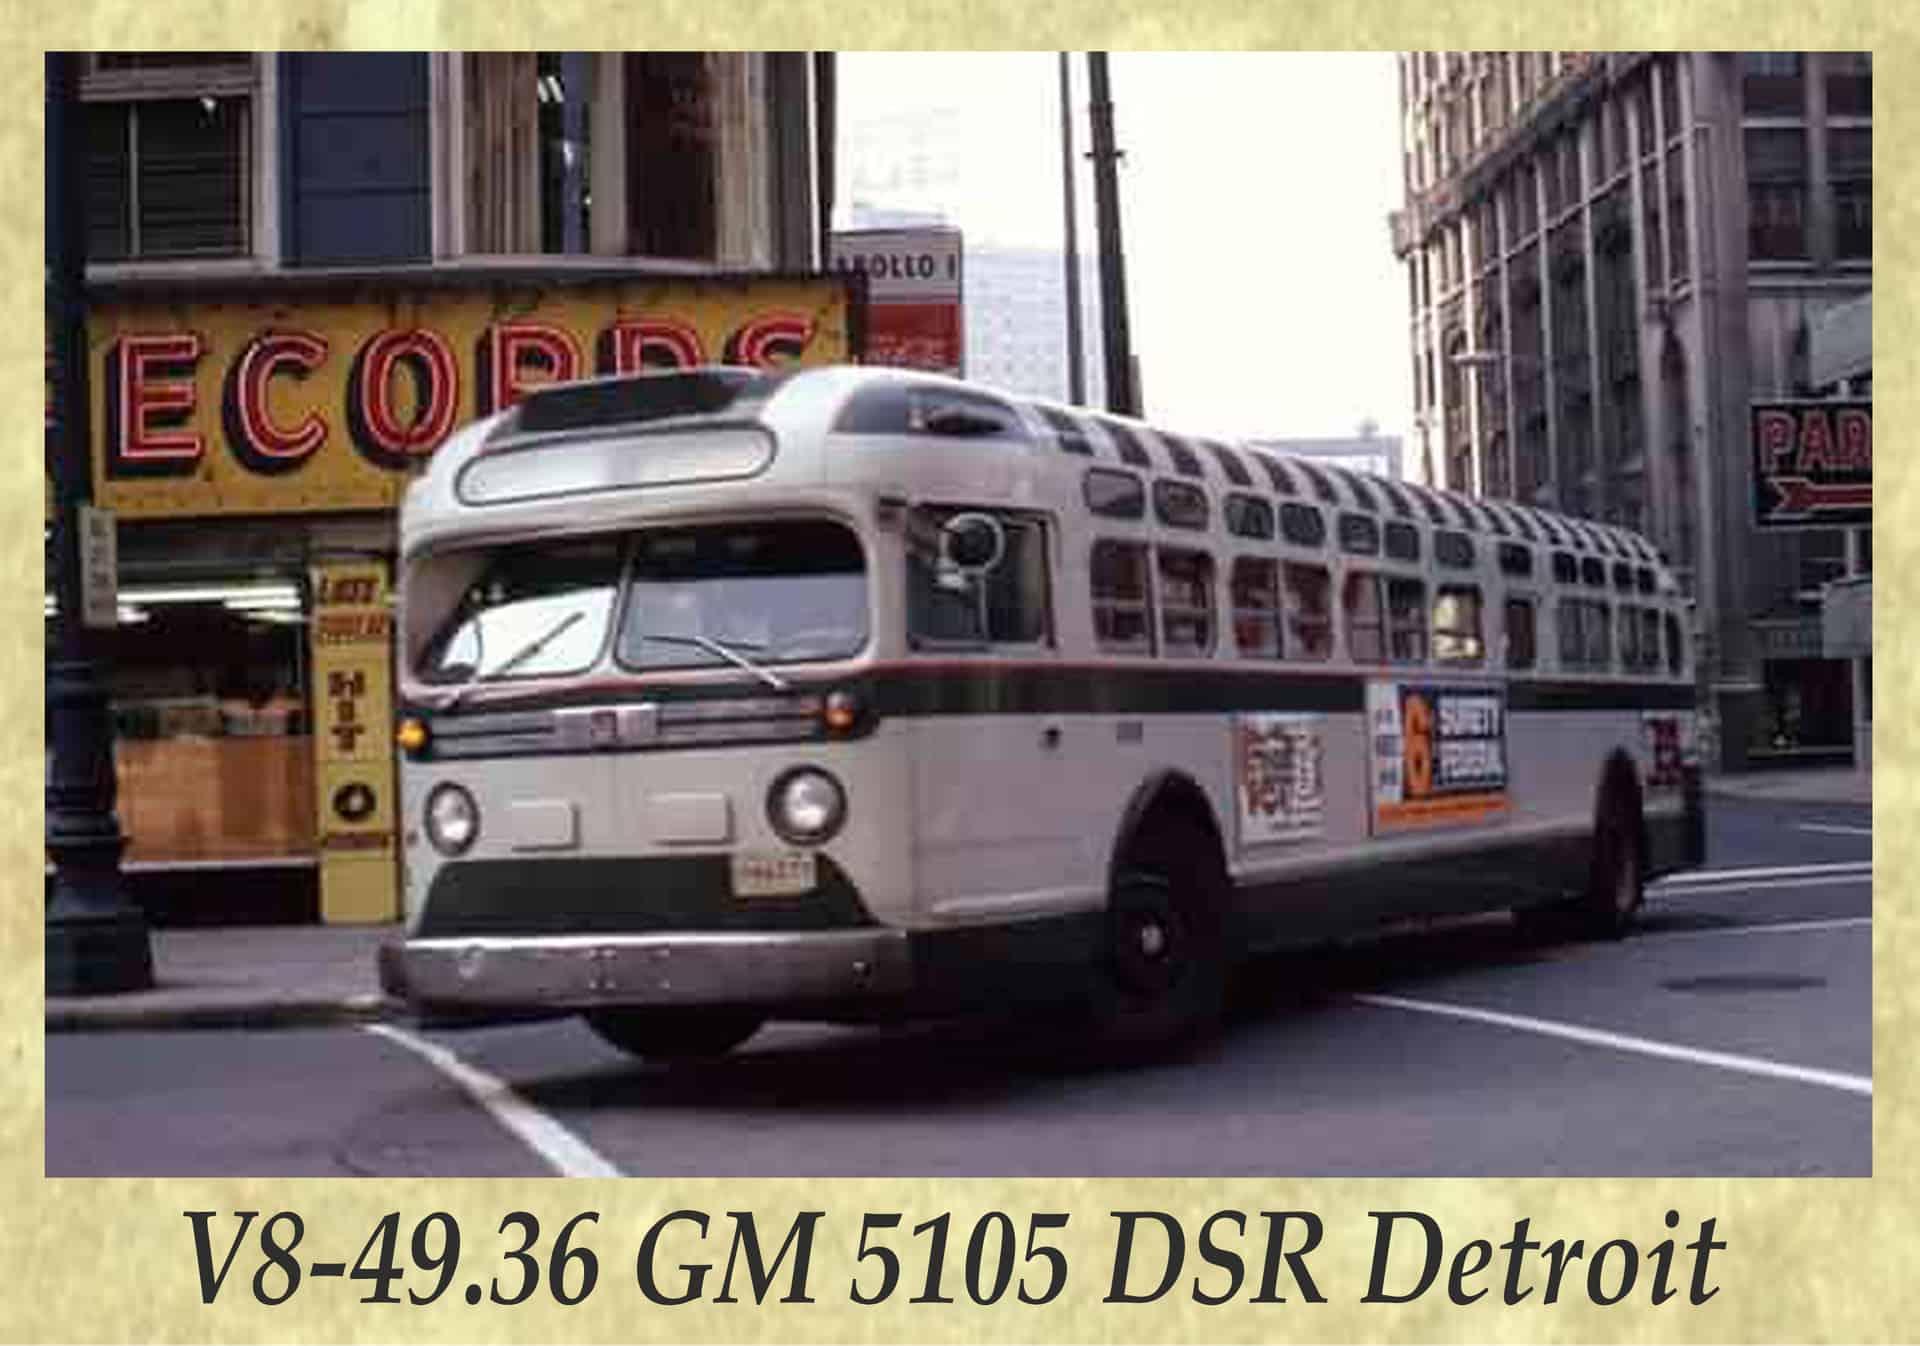 V8-49.36 GM 5105 DSR Detroit